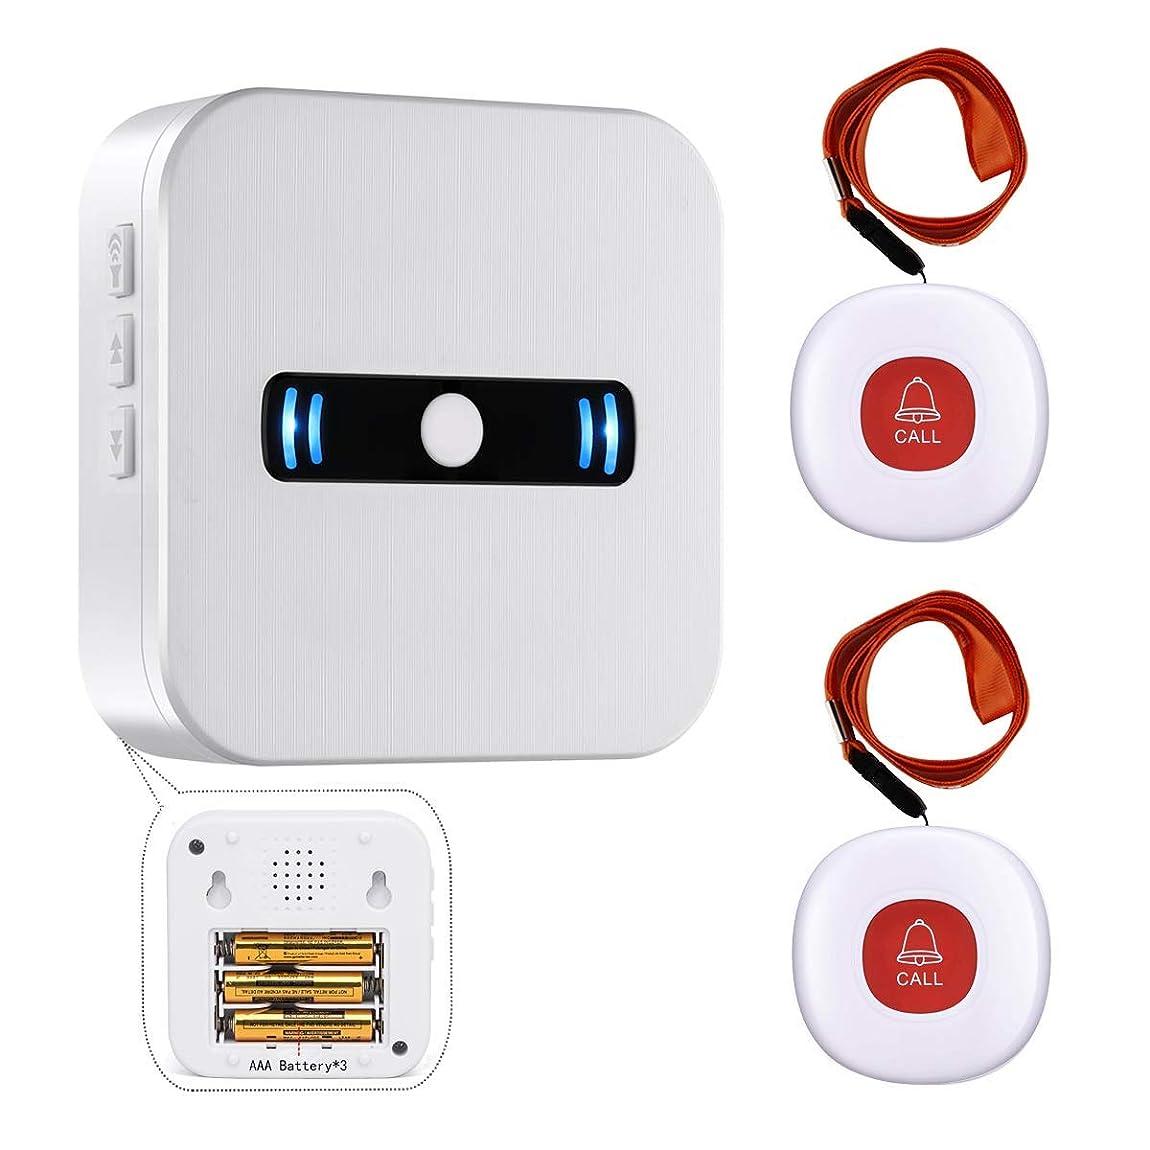 トライアスロン発信静的Daytech 介護者 ページャ 無線 コール ボタン 警報 システムにおける 高齢者個人 用 (レシーバー1 + ボタン2,レッド)